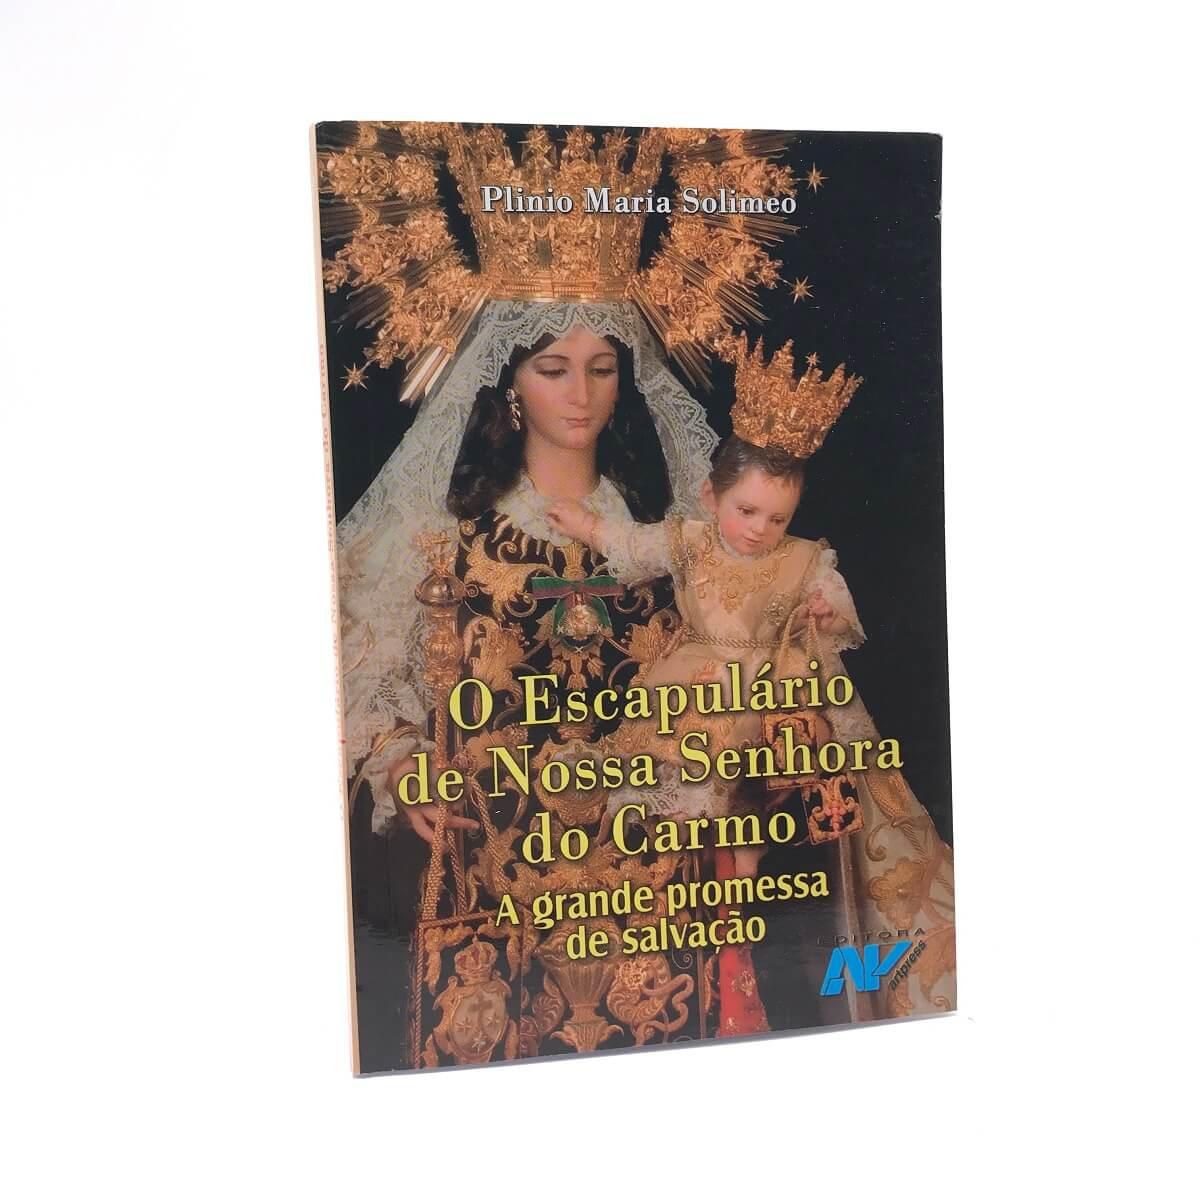 Livro O Escapulario De Nossa Senhora Do Carmo - Plinio Maria Solimeo